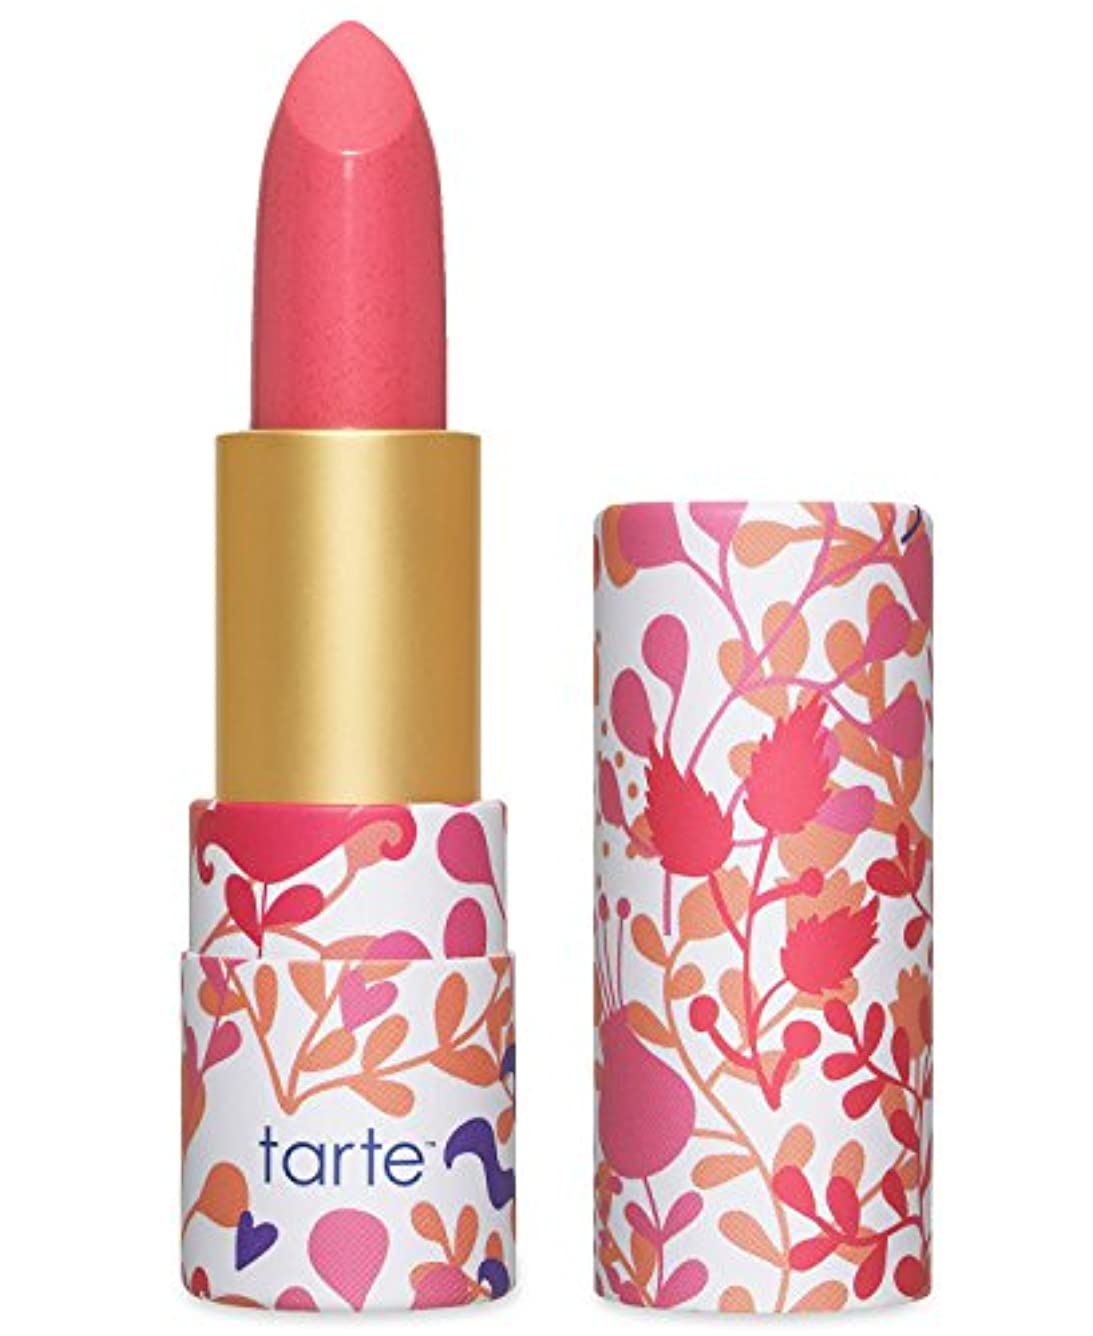 適応まともな心配Tarte Amazonian Butter Lipstick ターテ アマゾニアン バターリップステック Pink Peony [並行輸入品]